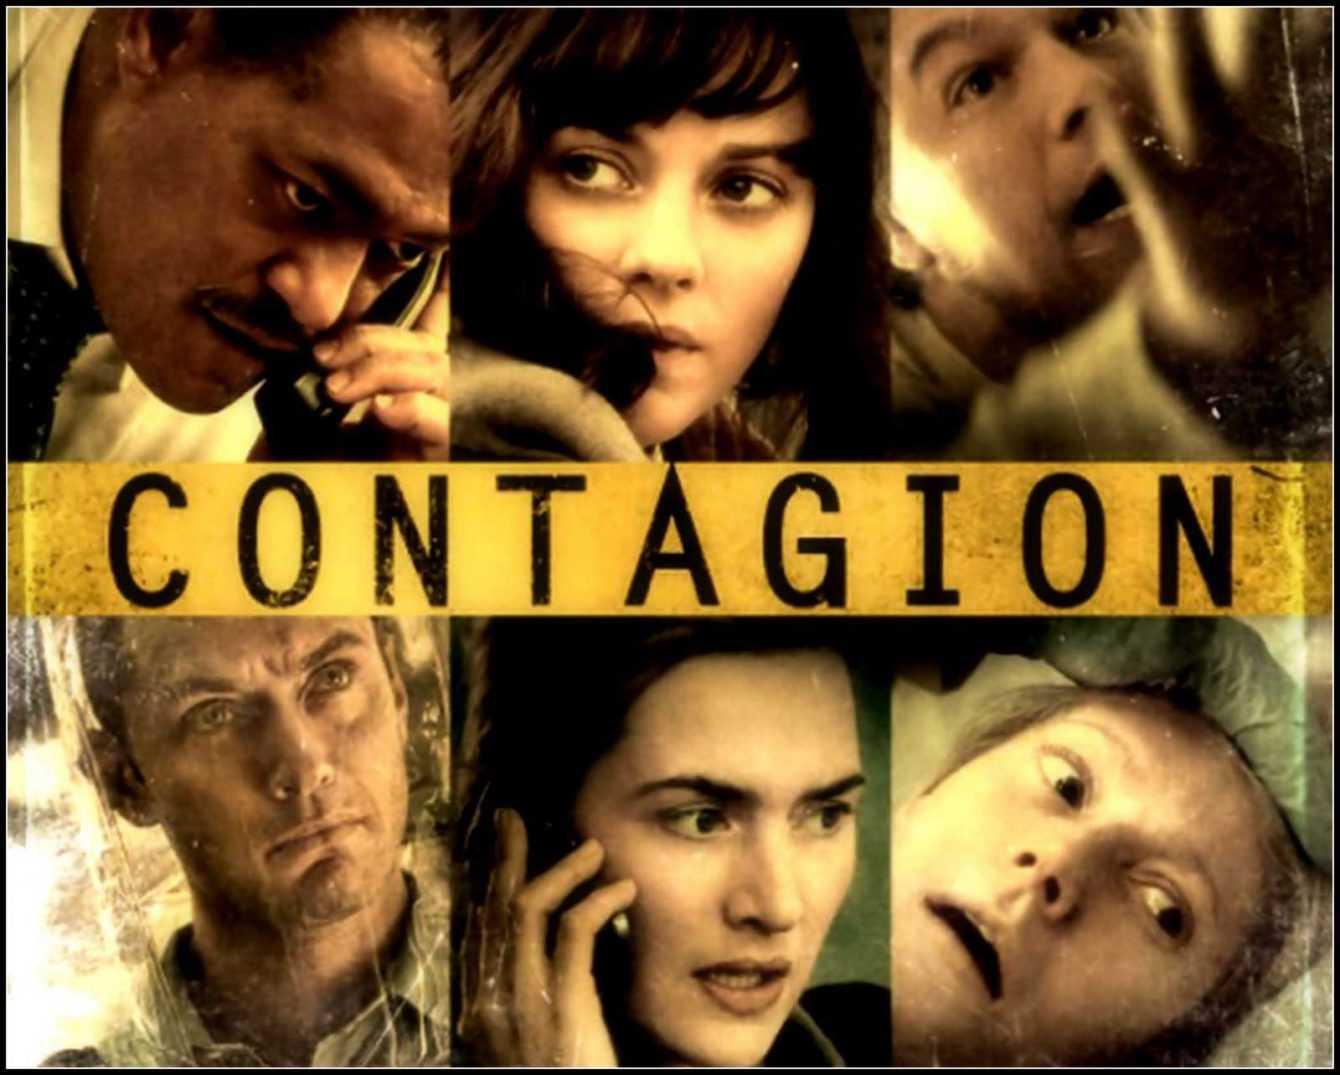 Contagion: Soderbergh annuncia il sequel